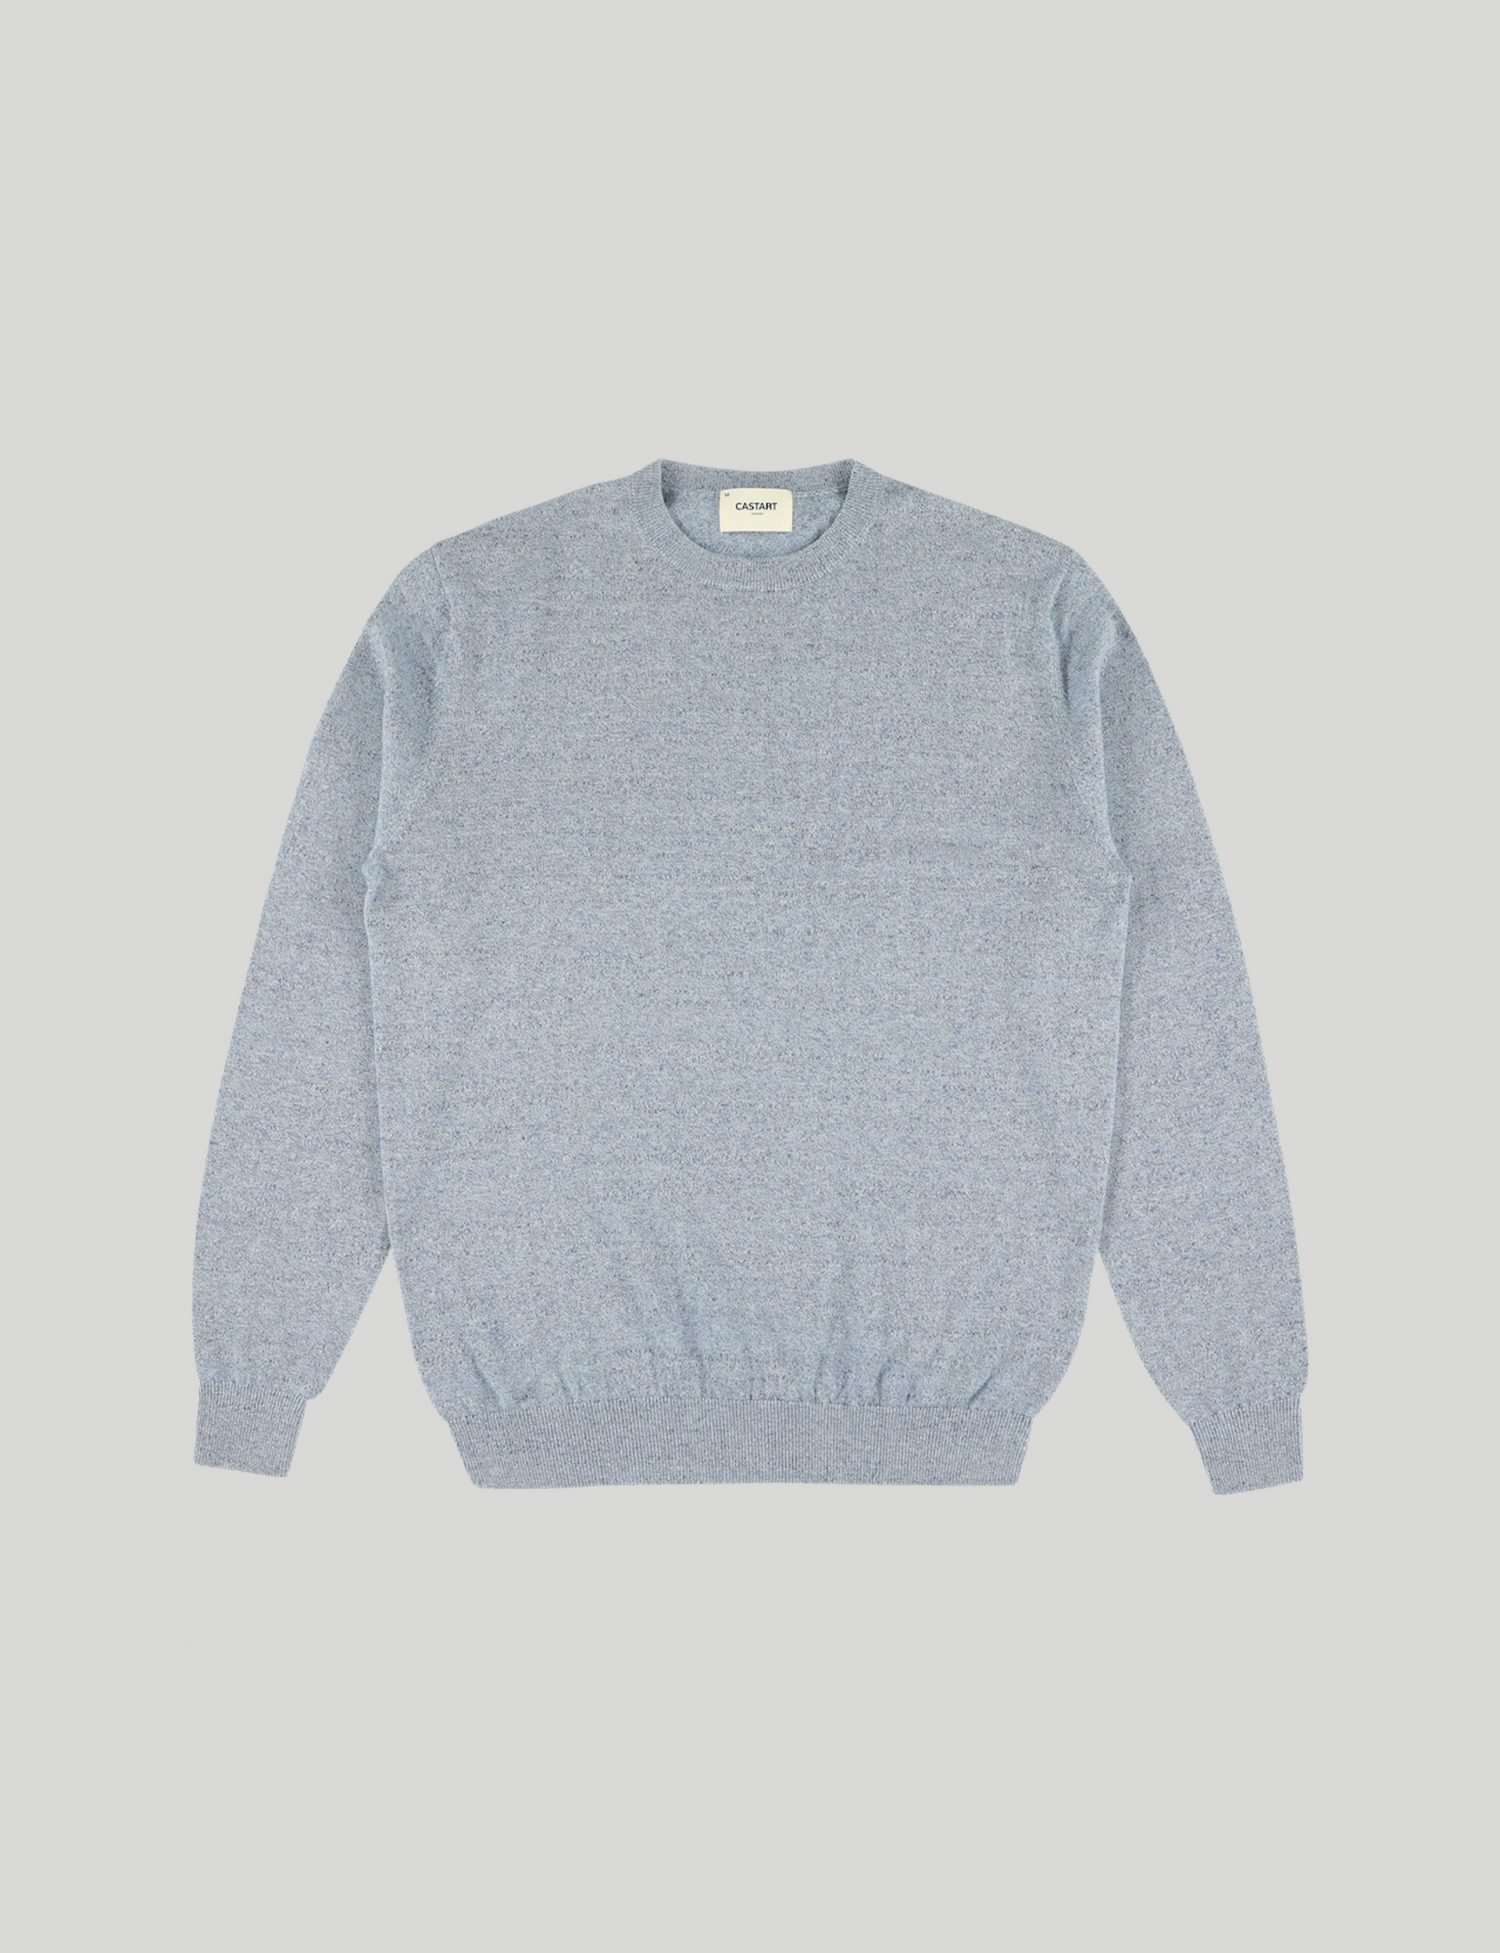 Castart - Heckel Knitwear - Light Blue